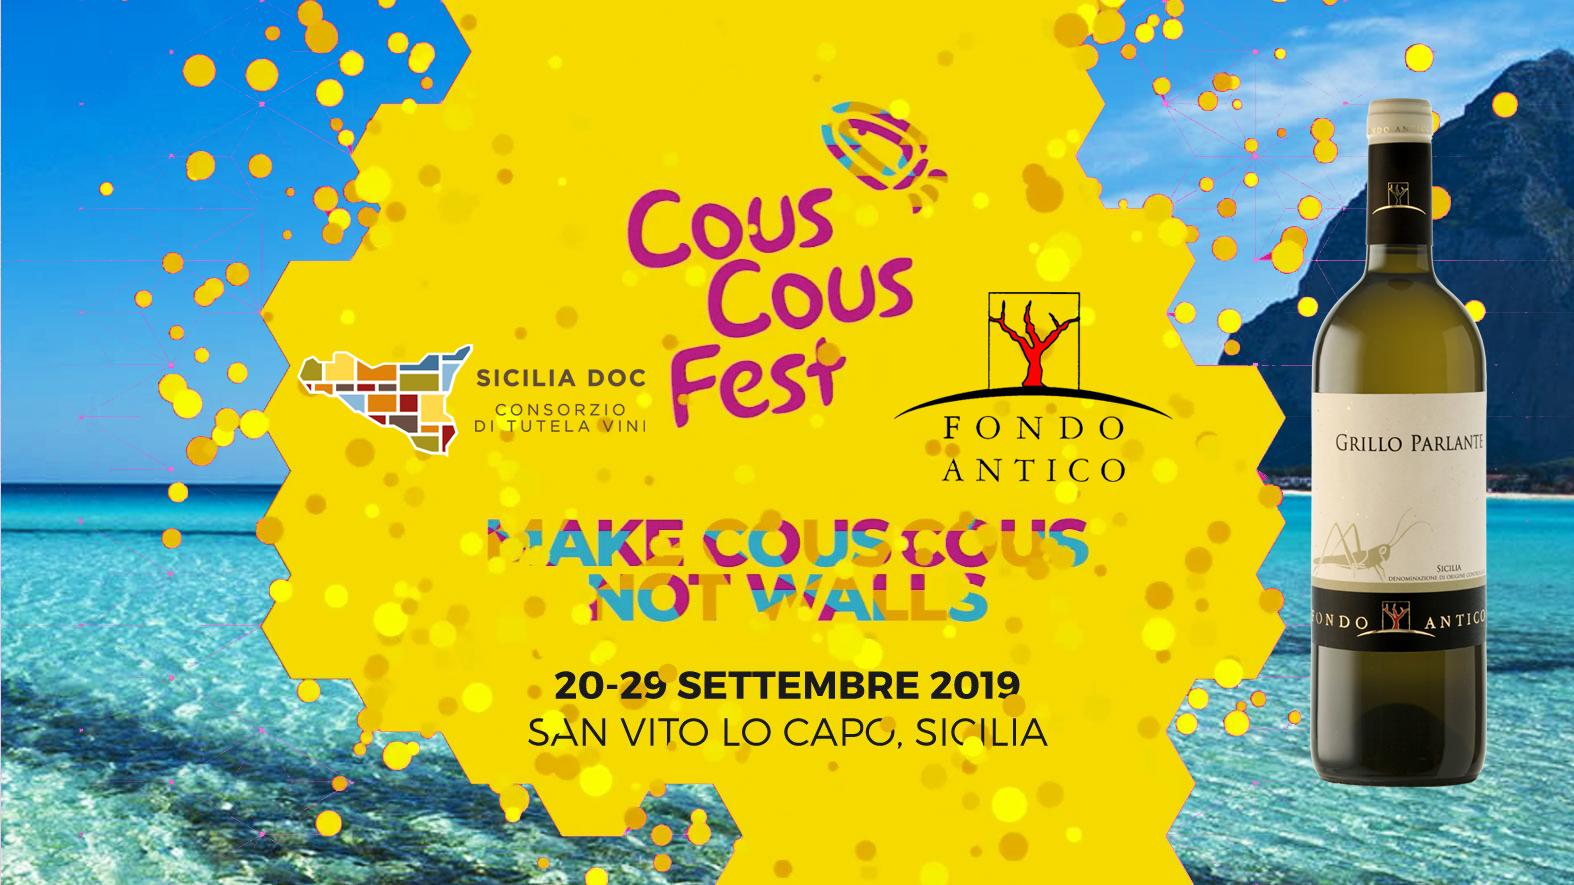 Grillo Parlante al Cous Cous Fest con il Consorzio DOC Sicilia